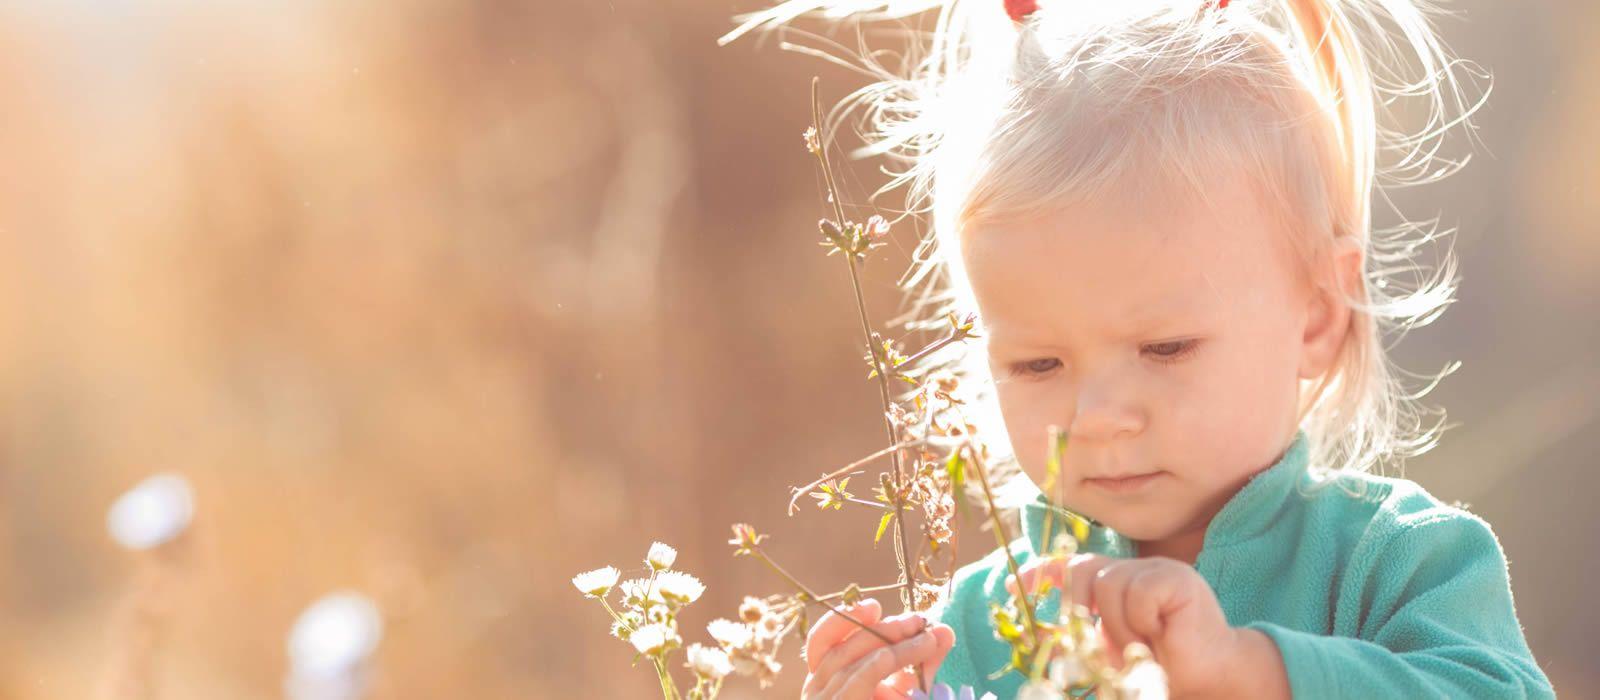 Características y dificultades psicolingüísticas de los niños con TEL